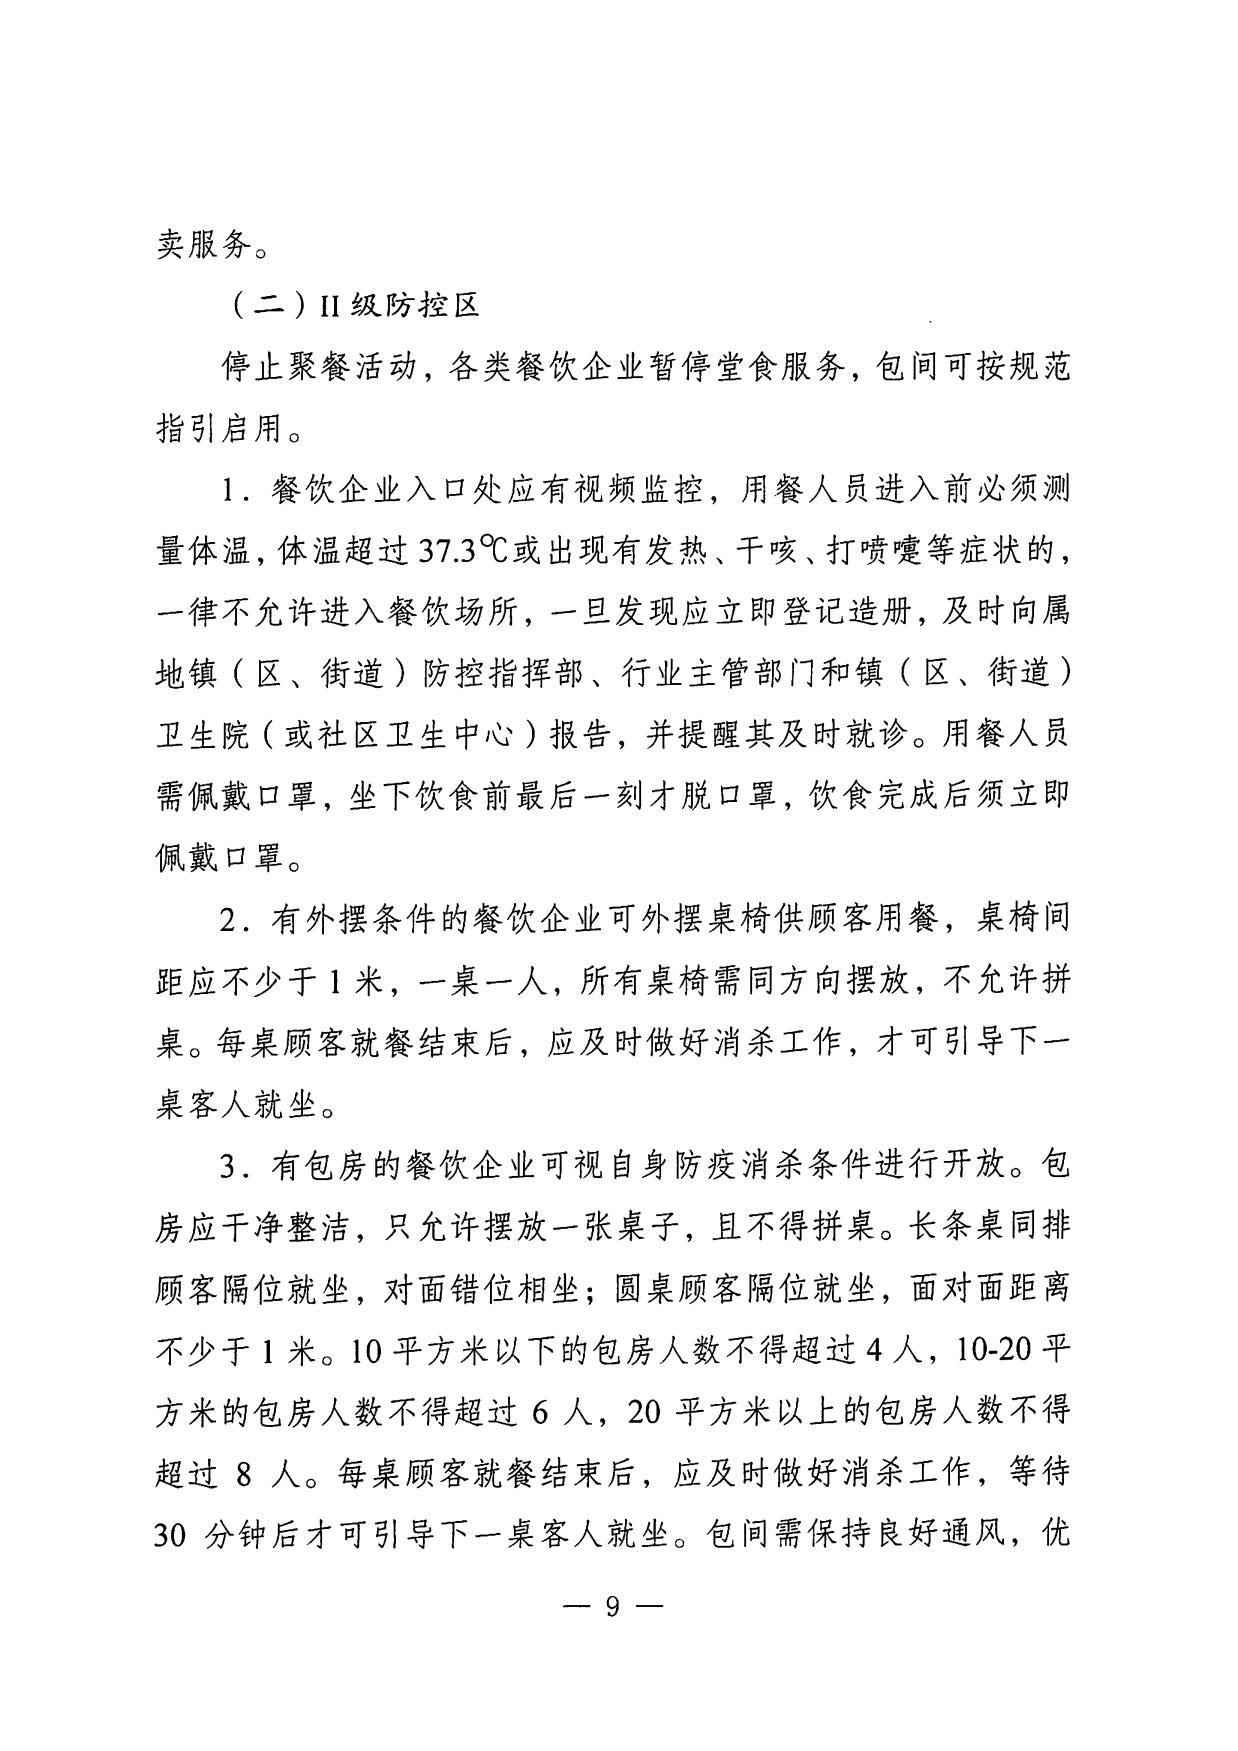 关于疫情防控期间餐饮经营单位恢复堂食服务的通告(第5号)_09.jpg